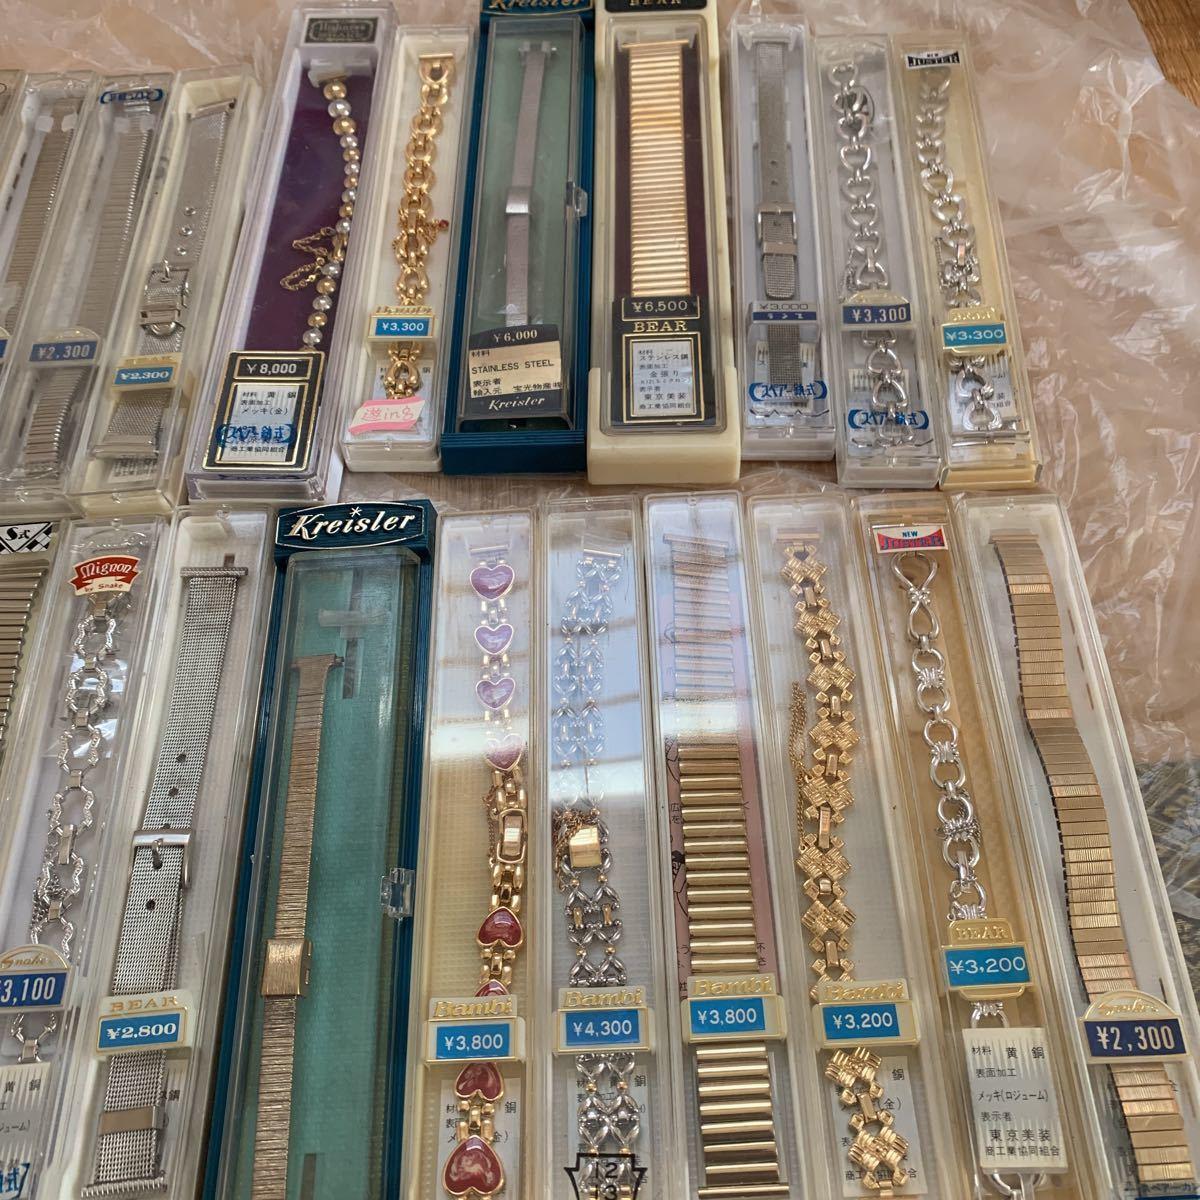 まとめ売り 売切 Bambi スネーク kreisler mignon 37個 腕時計 ベルト メガネ屋閉店長期在庫品 新品未使用_画像4